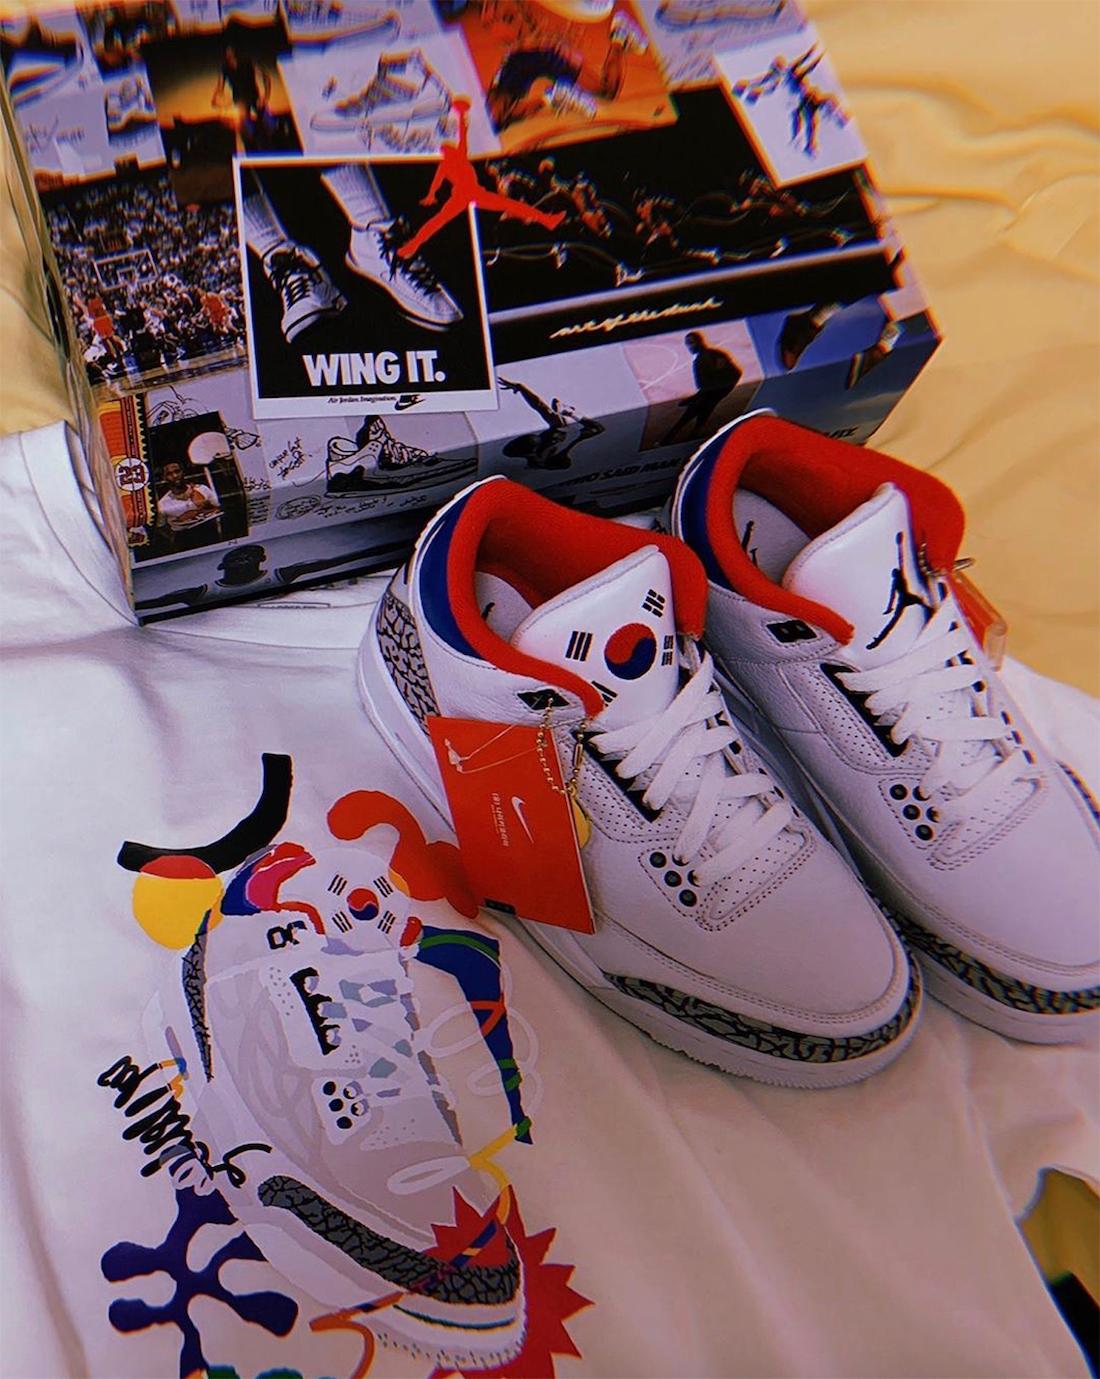 Nike Air Jordan 3 Seoul Korea WMNS AV8370-100 ナイキ エア ジョーダン 3 コリア ソウル apparel